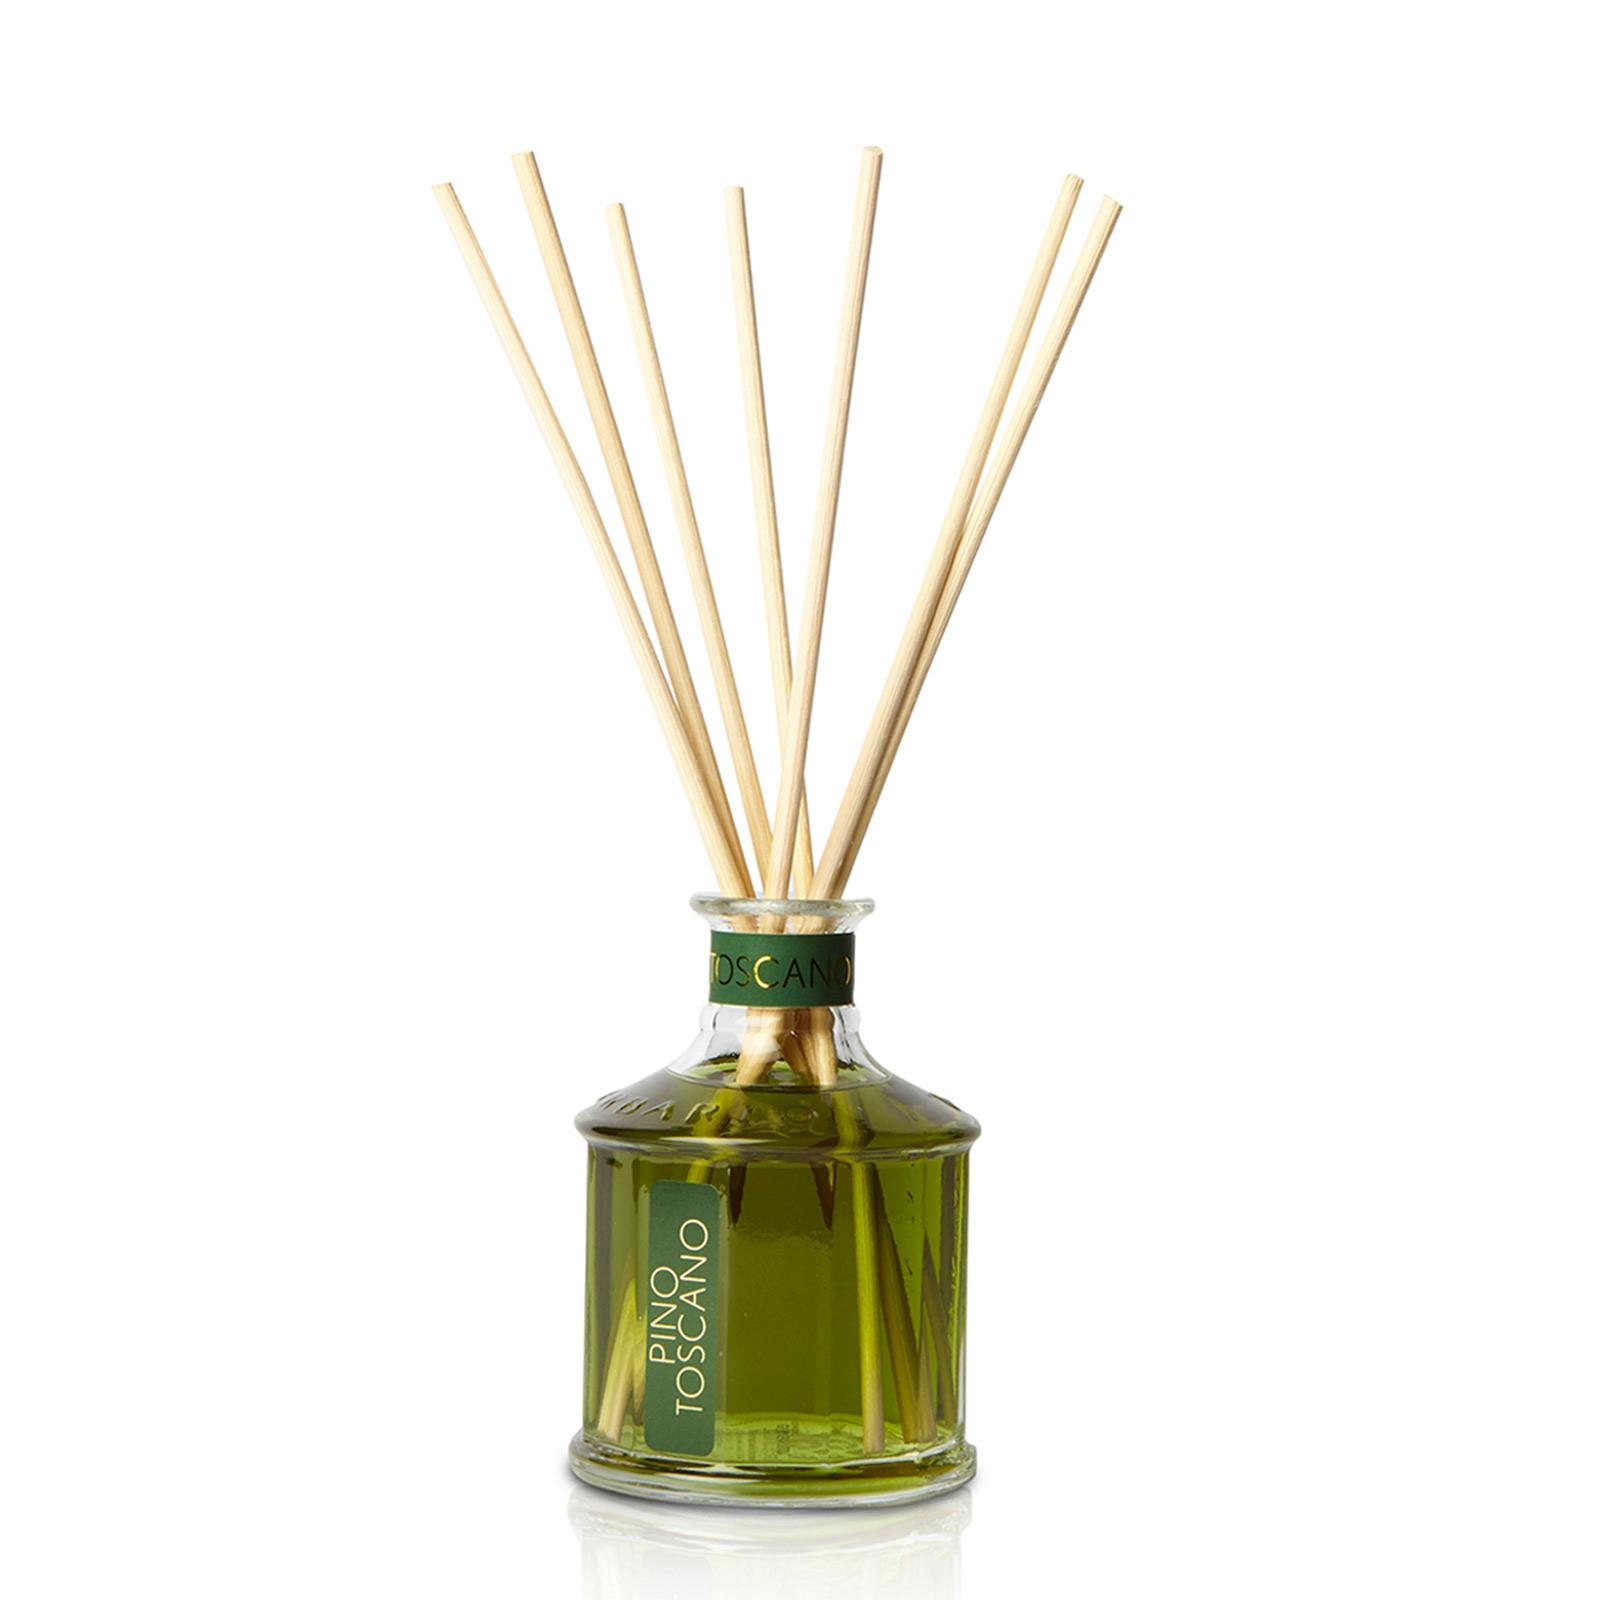 エルバリオ・トスカーノ ルームディフューザー トスカンパイン  Tuscan Pine